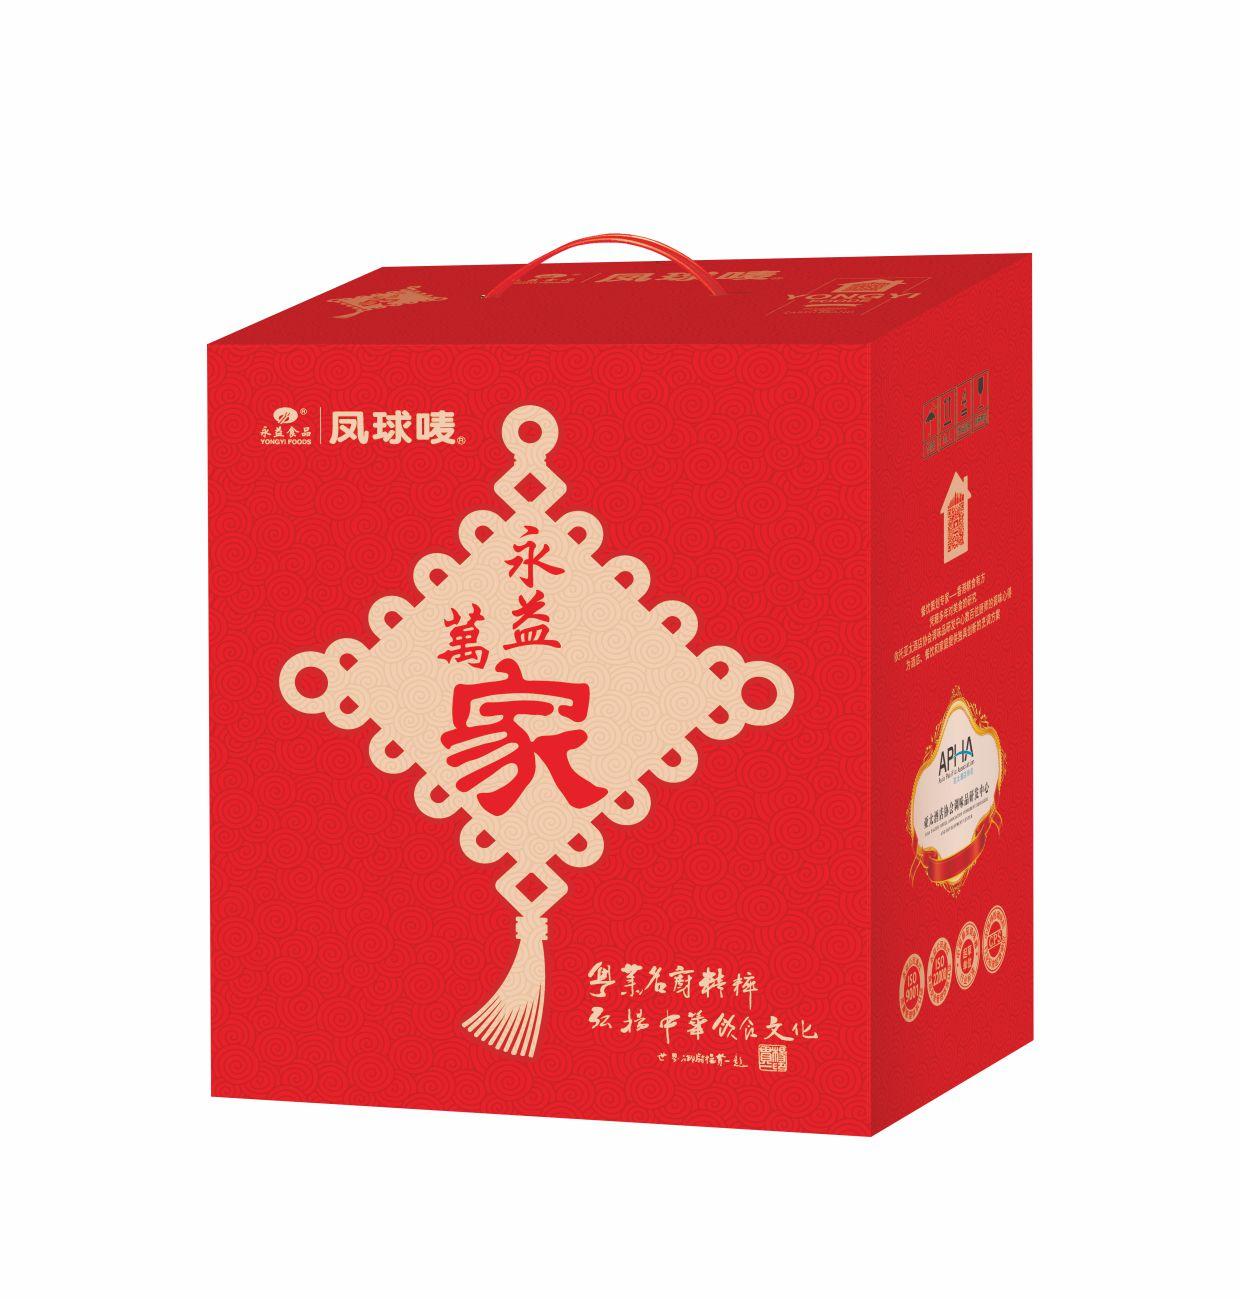 凤球唛调味礼盒